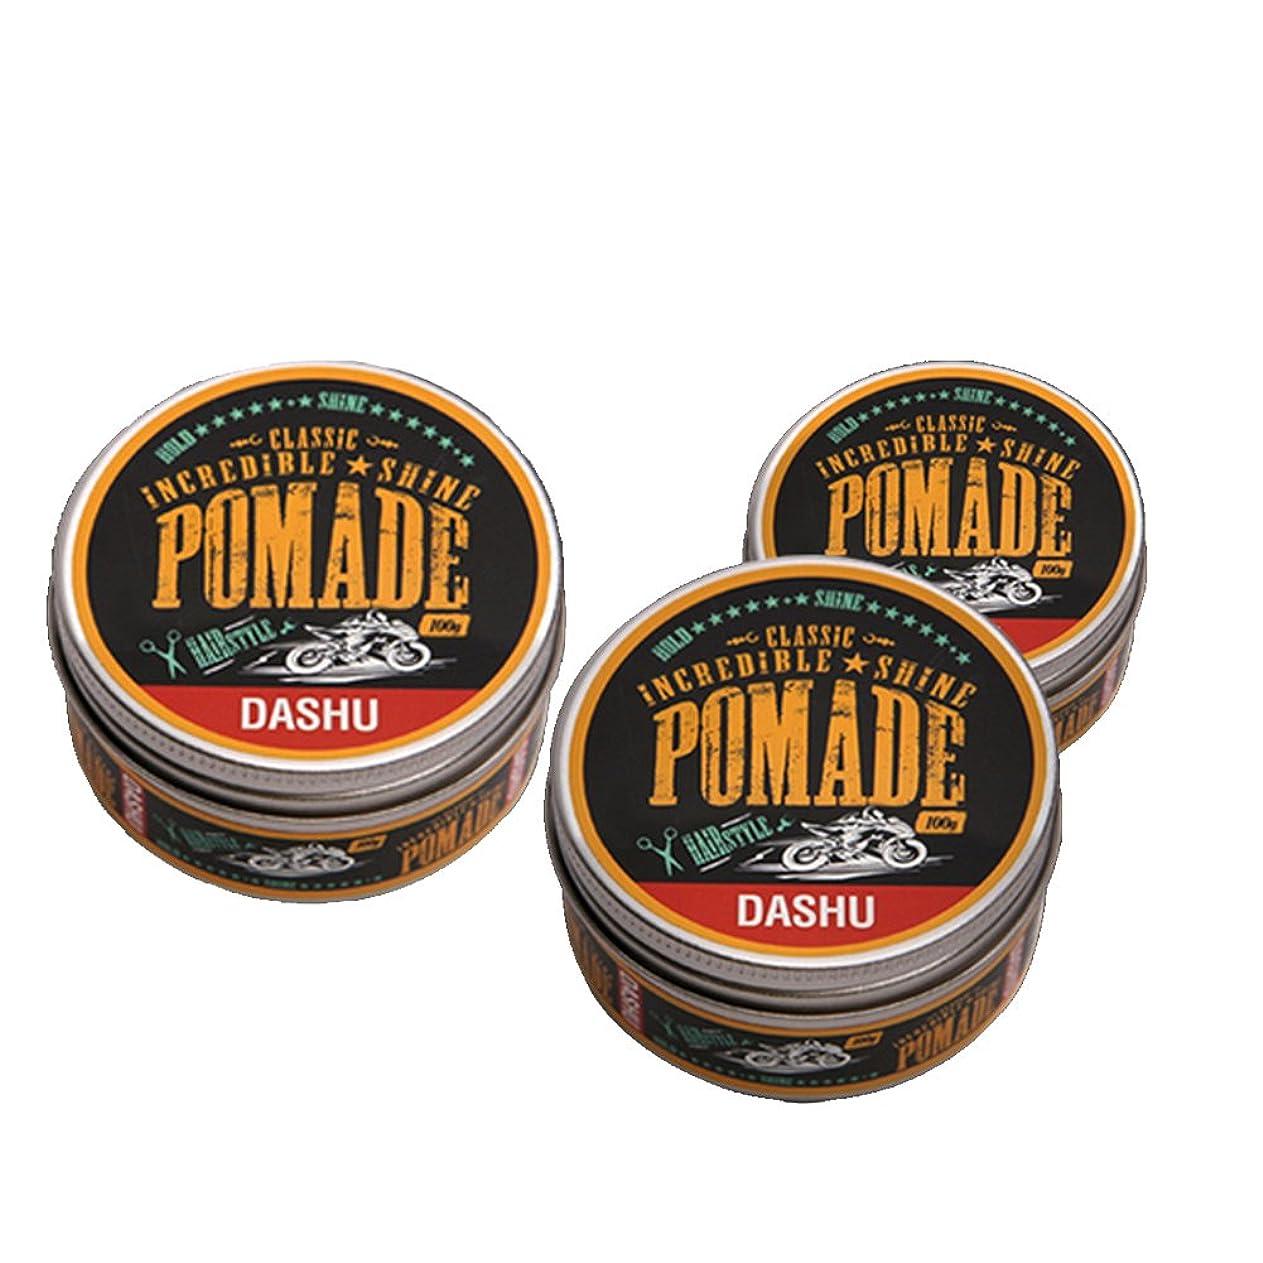 メナジェリーラッシュ成り立つ(3個セット) x [DASHU] ダシュ クラシック 信じられないほどの輝き ポマードワックス Classic Incredible Shine Pomade Hair Wax 100ml / 韓国製 . 韓国直送品